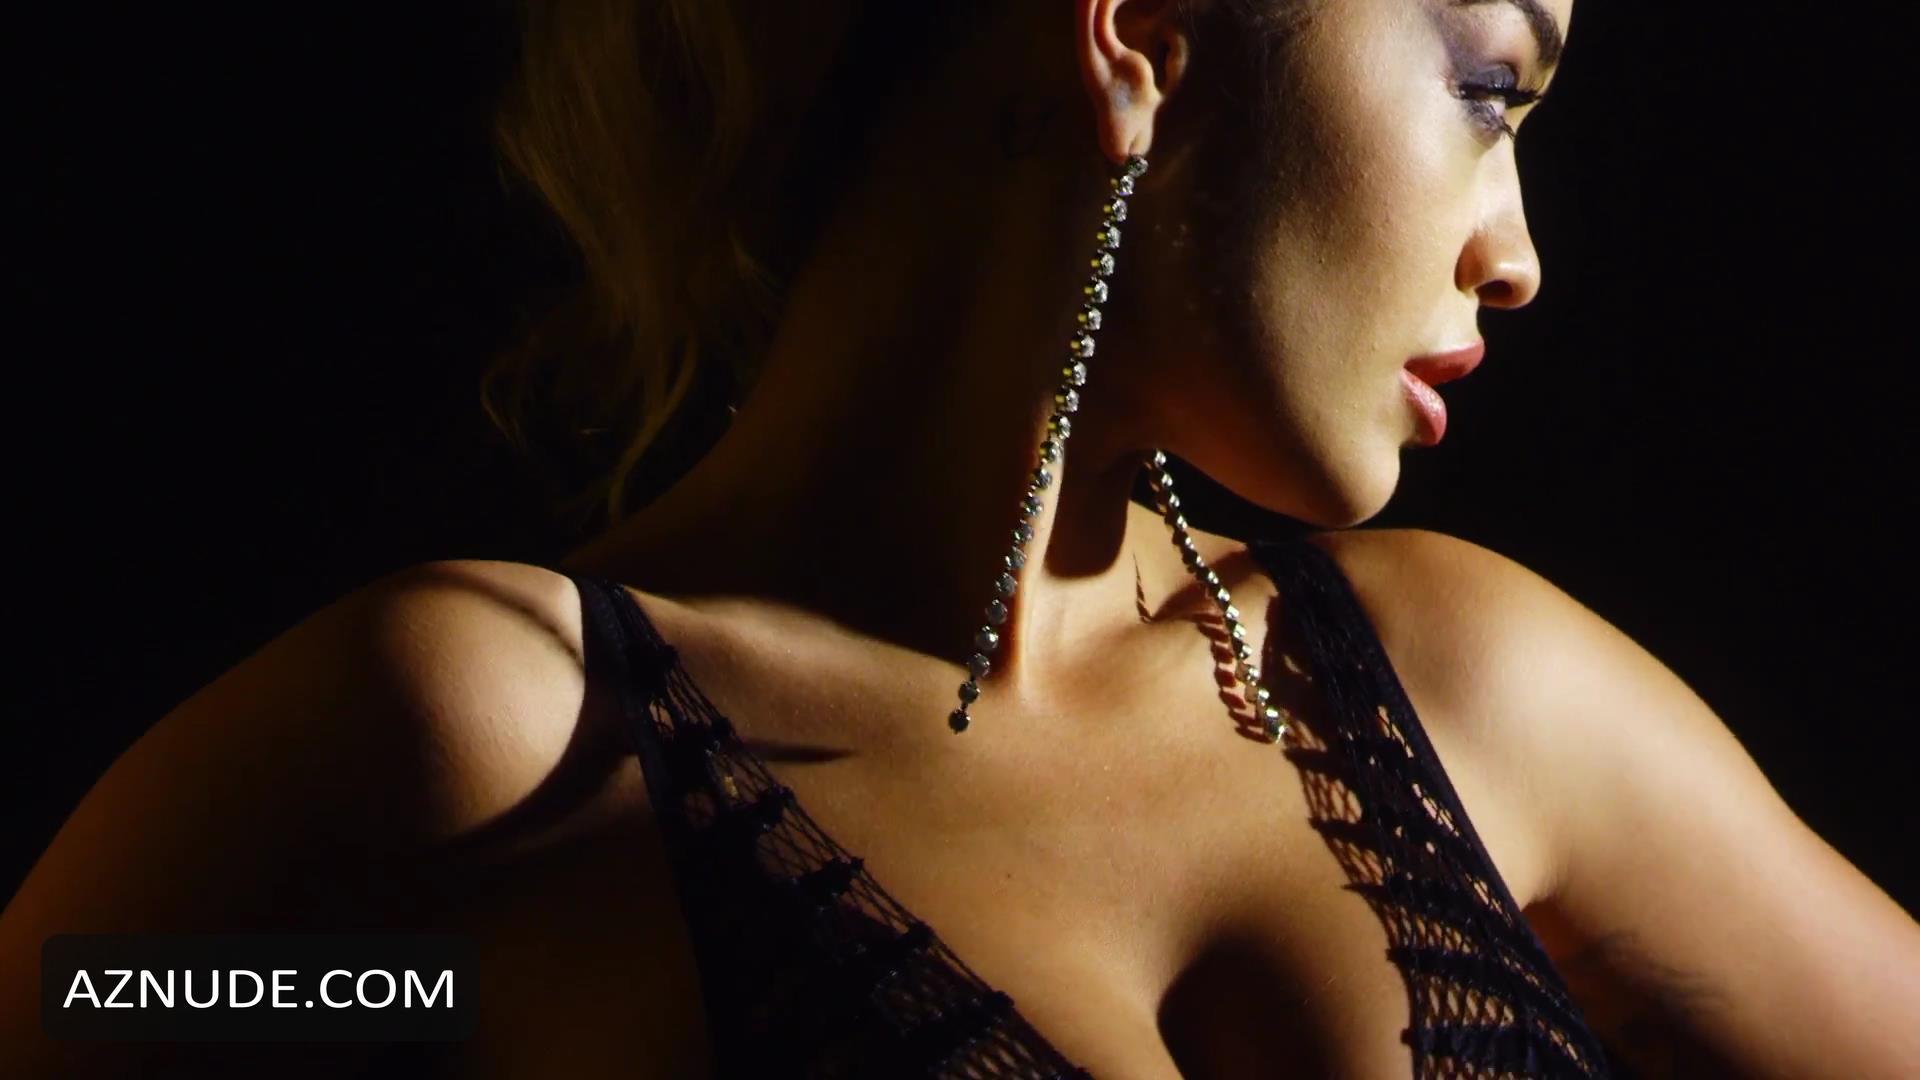 Best Adriana Del Rossi Nude Images